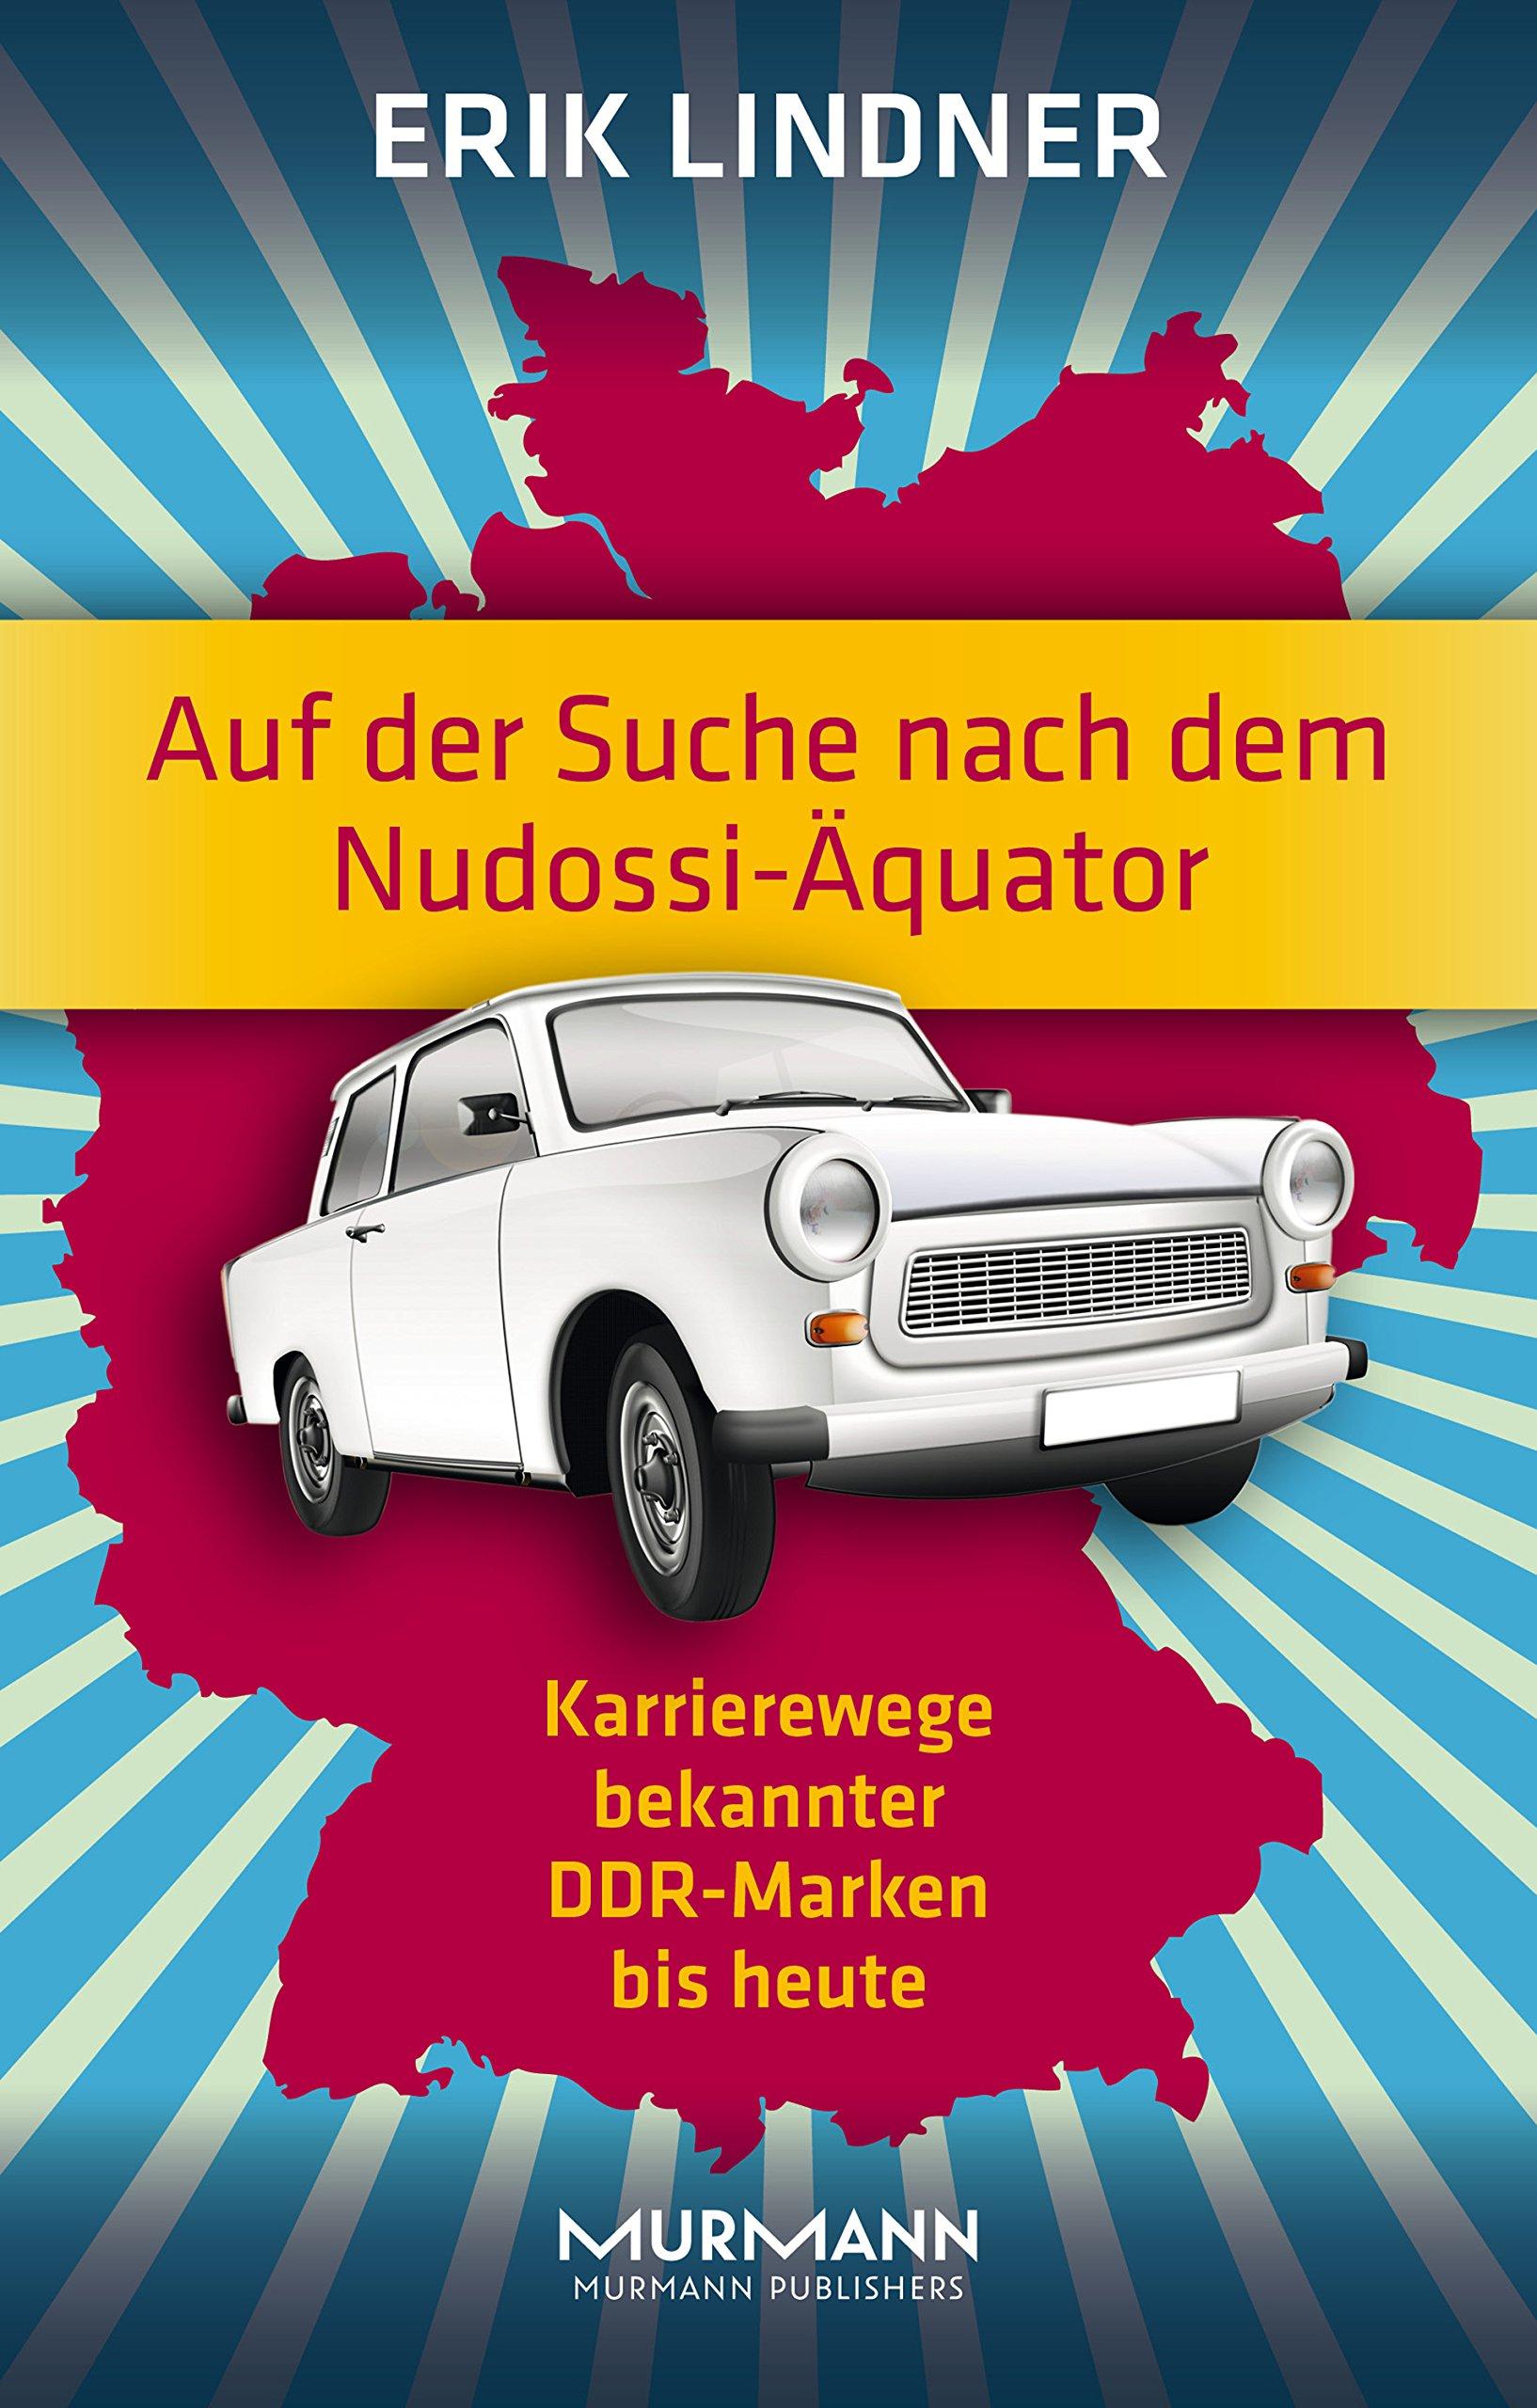 Auf Der Suche Nach Dem Nudossi Äquator  Karrierewege Bekannter DDR Marken Bis Heute